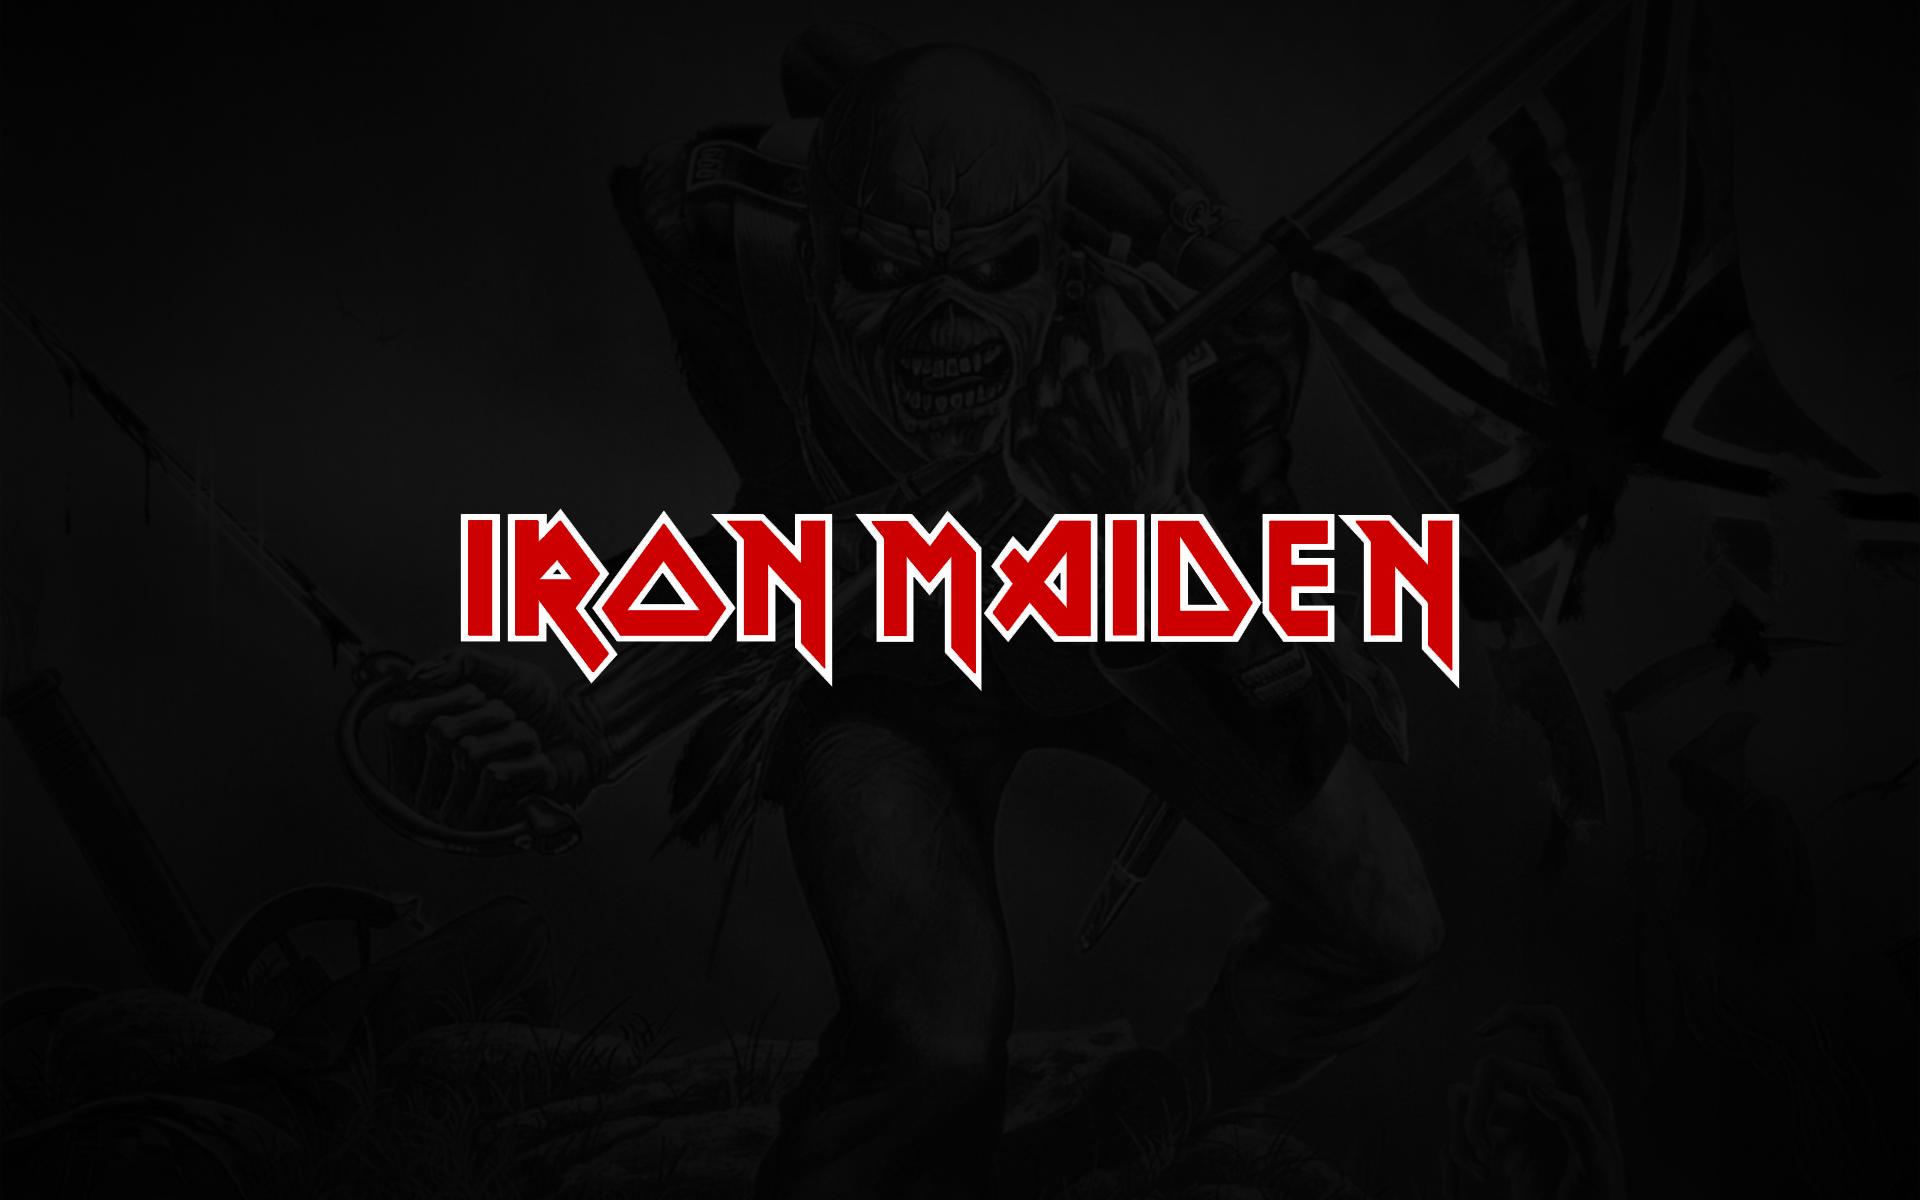 Iron Maiden Desktop Wallpaper: Iron Maiden Wallpapers Widescreen